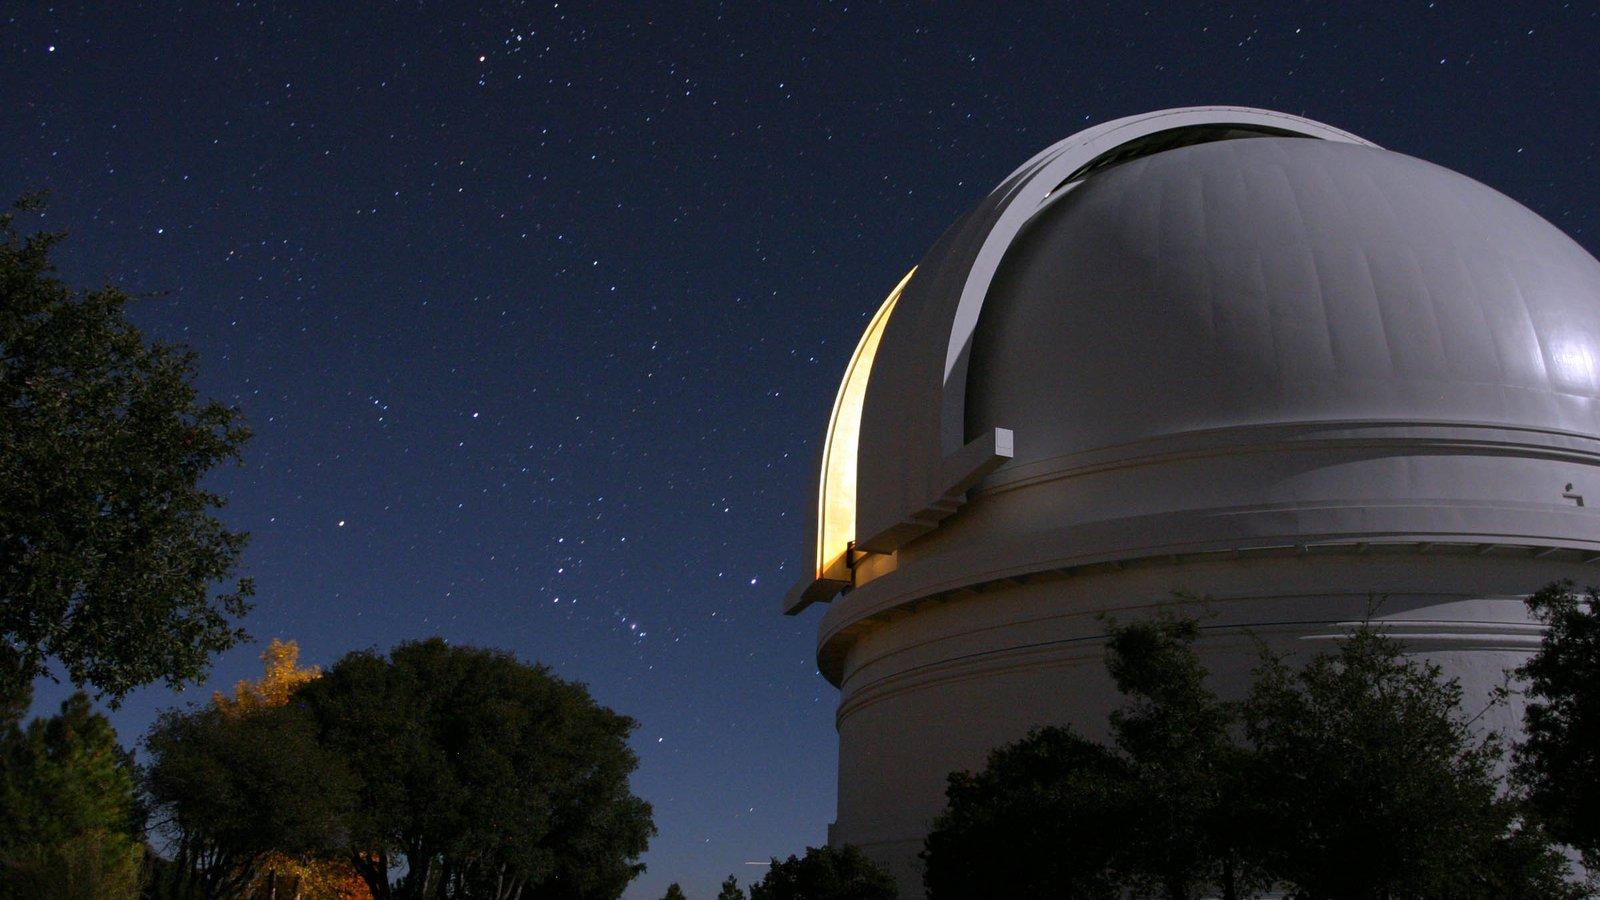 帕洛马天文台